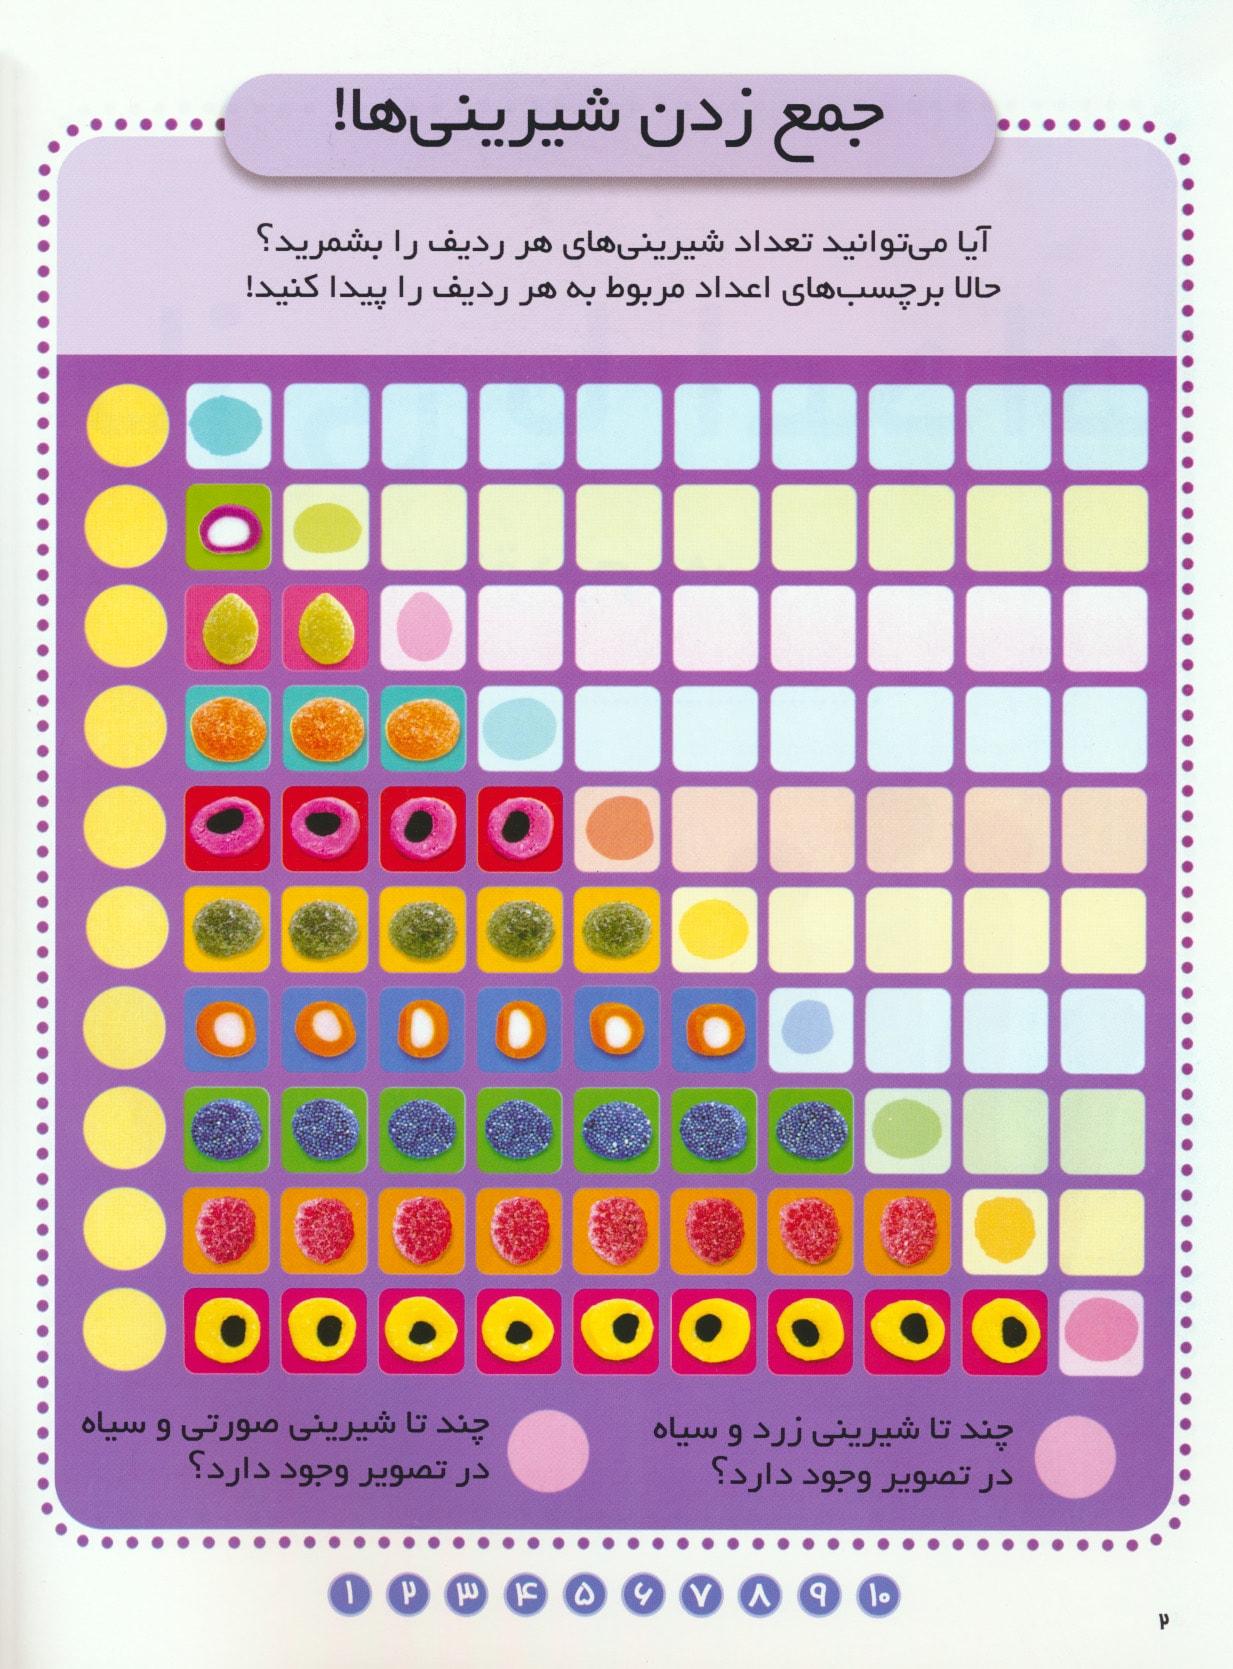 بازی با اعداد (همراه با برچسب و پوستر)